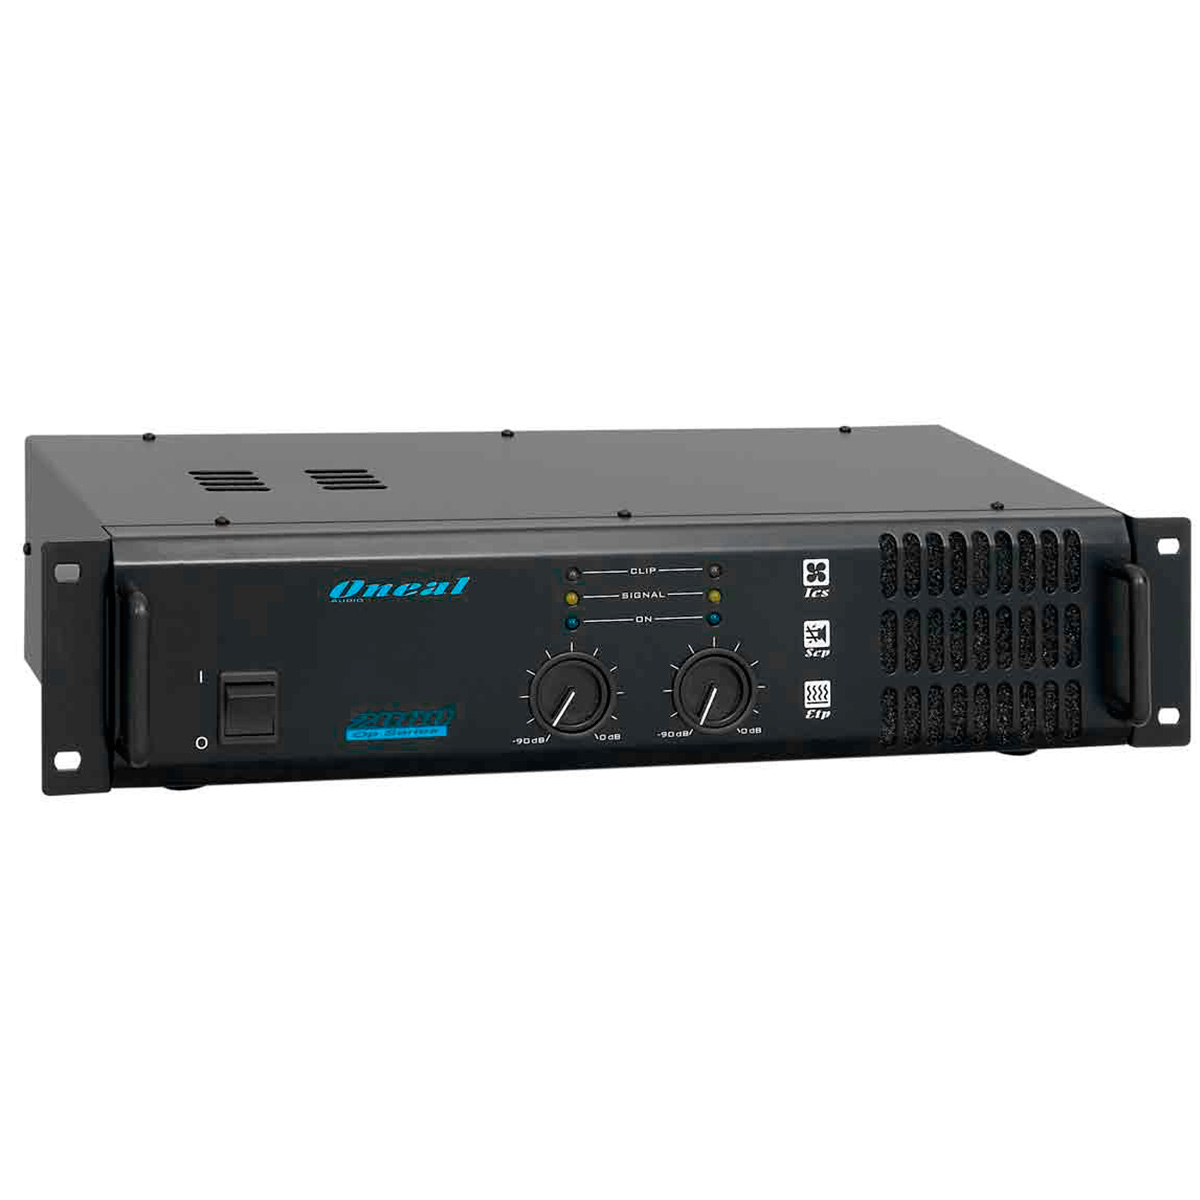 Amplificador Estéreo 2 Canais 290W RMS ( Total ) OP 2000 - Oneal